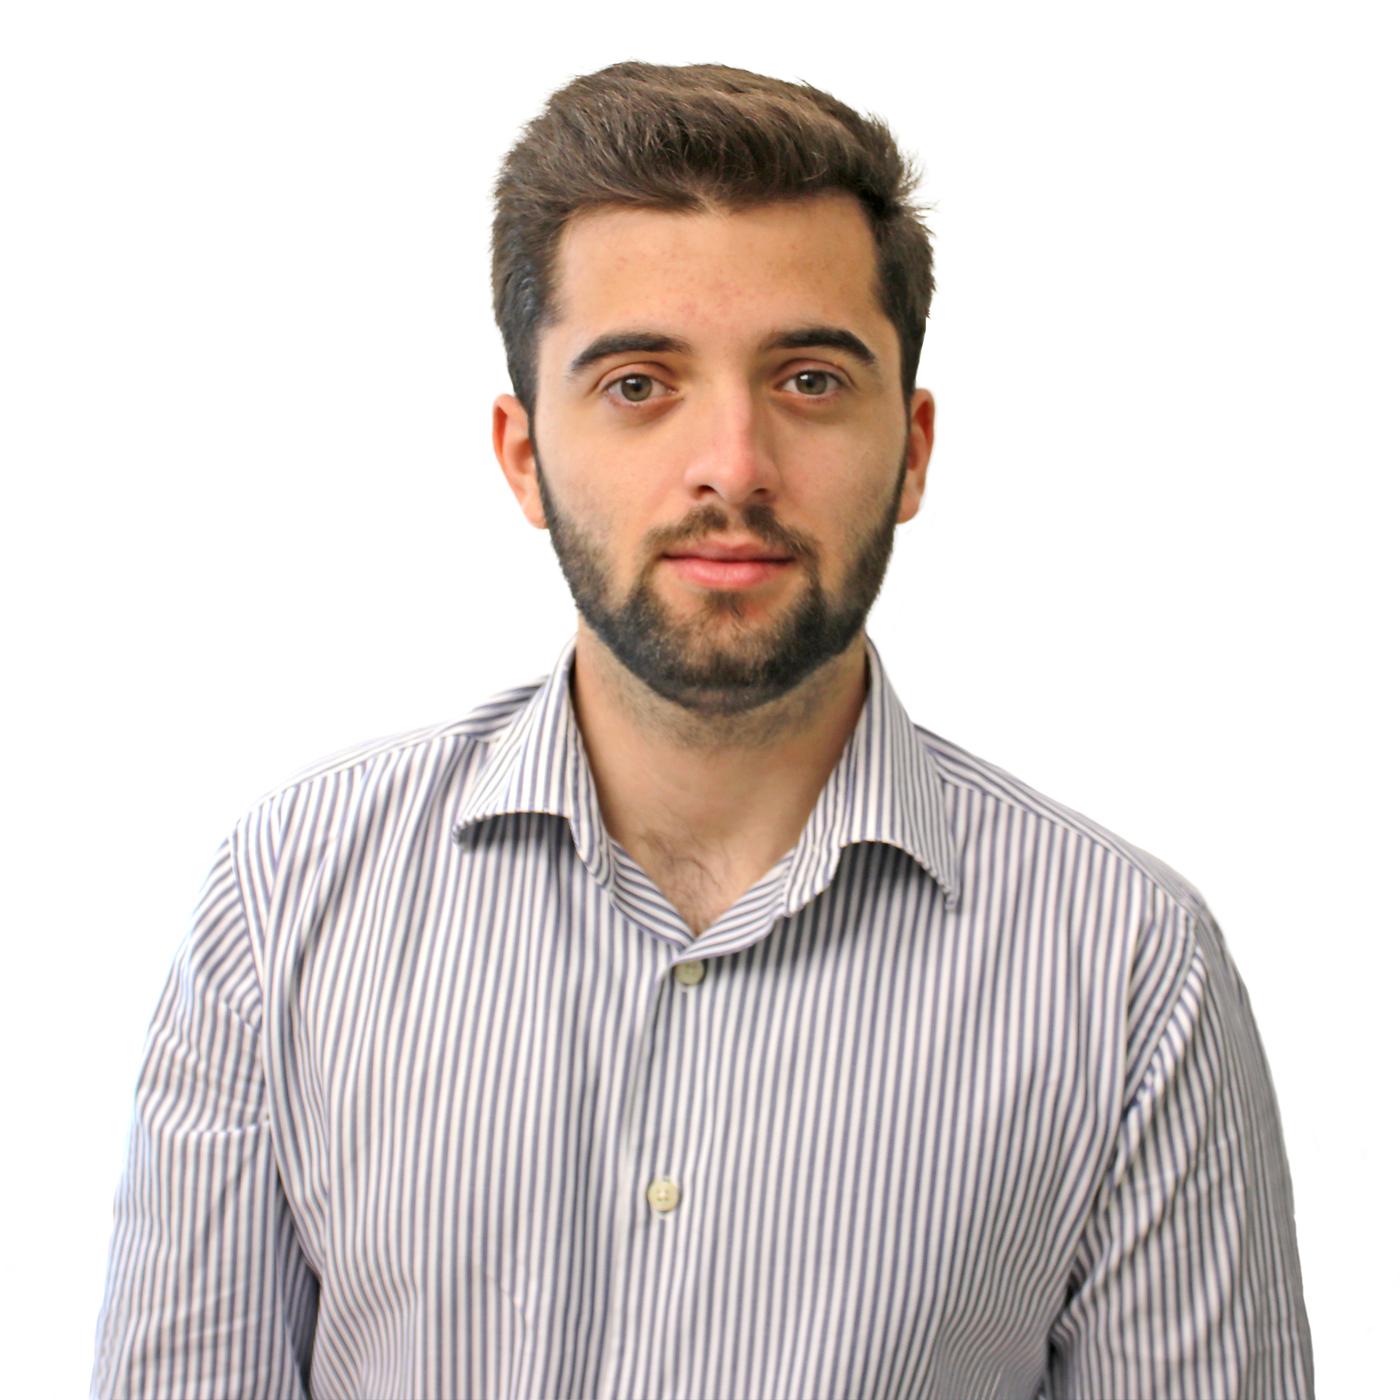 José Serpa